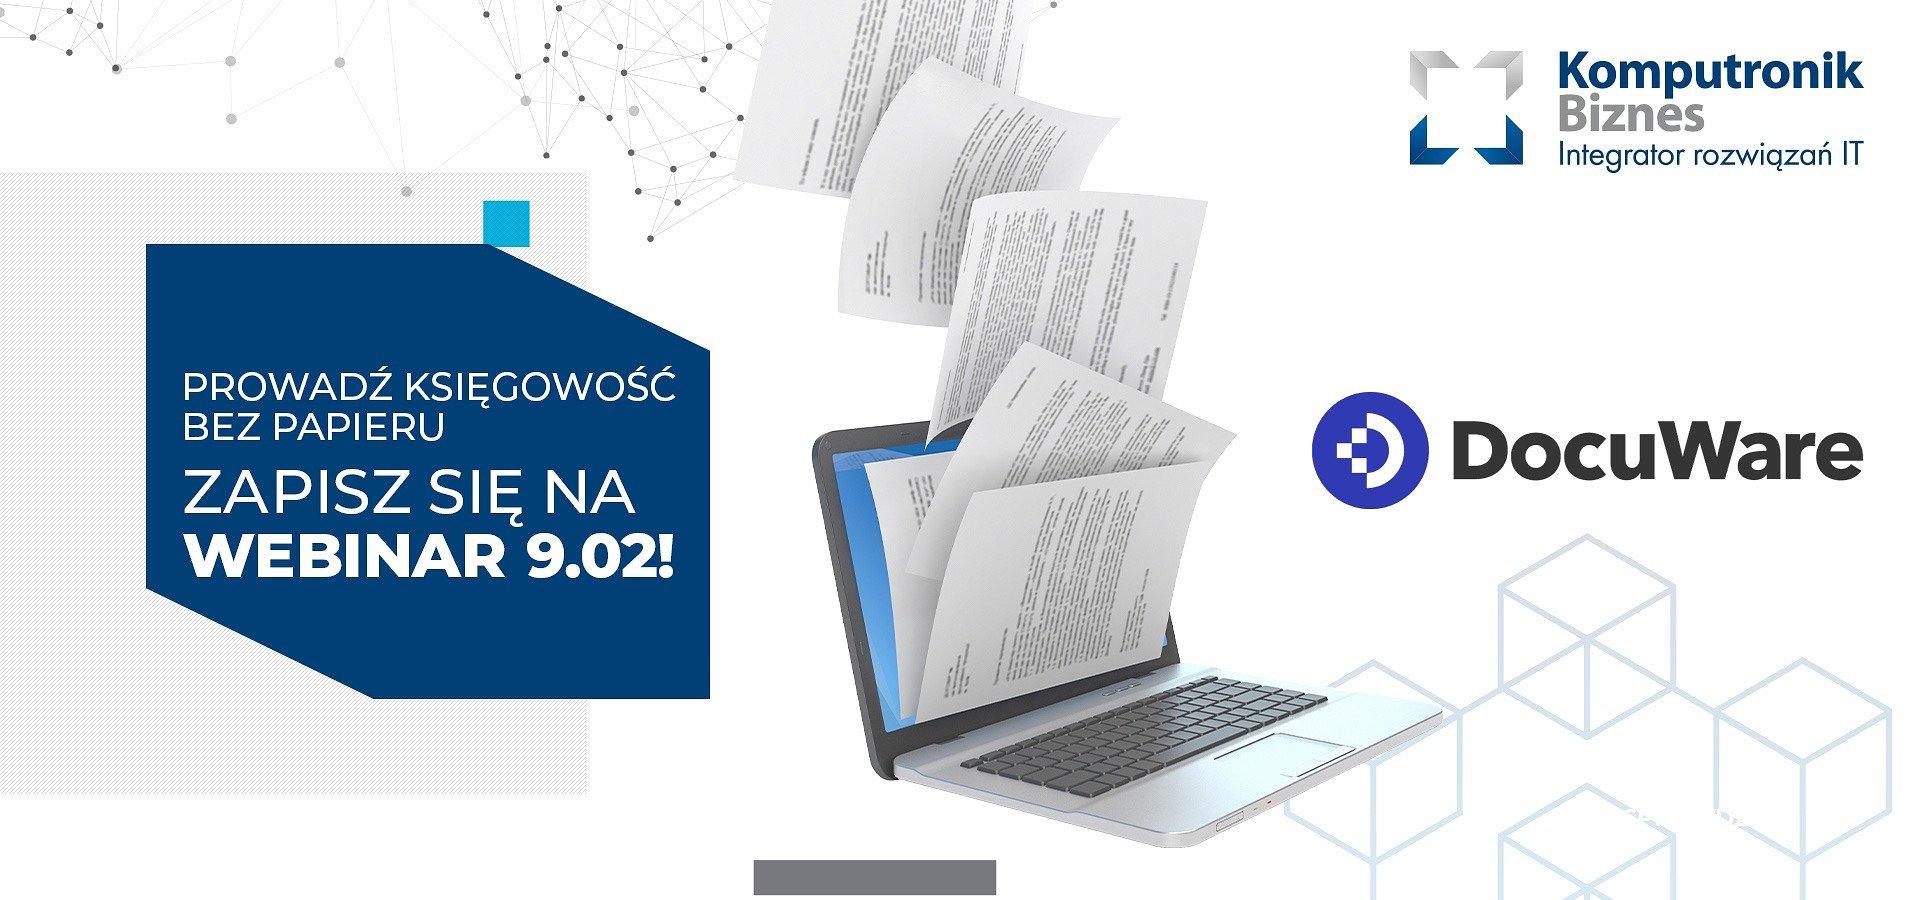 Najlepsze oprogramowanie wspierające pracę księgowości już dostępne. Sprawdź za darmo i zwiększ efektywność swojej firmy